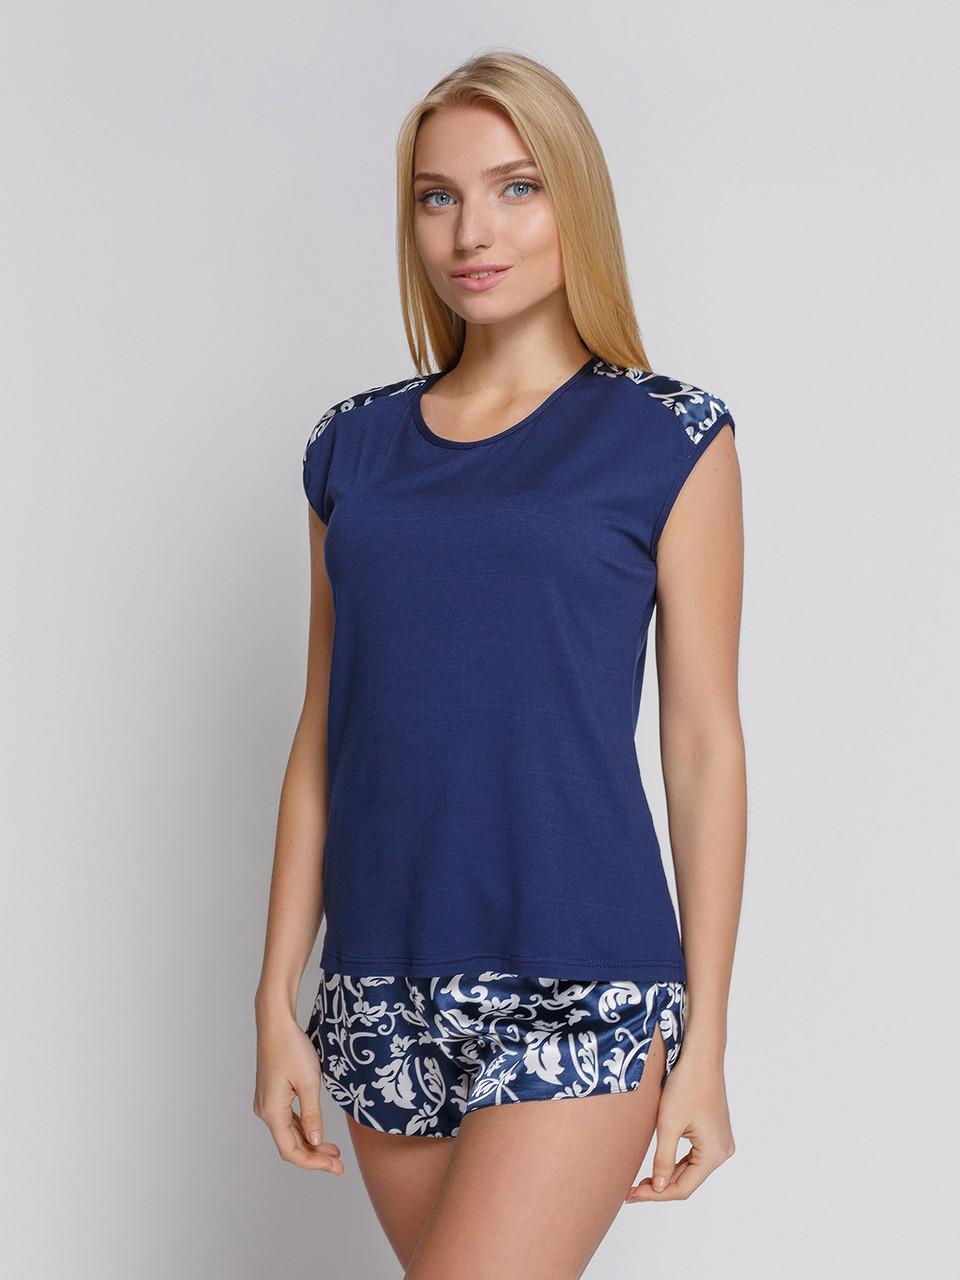 Пижама с шортами вискоза c атласом Serenade синий с шампанью